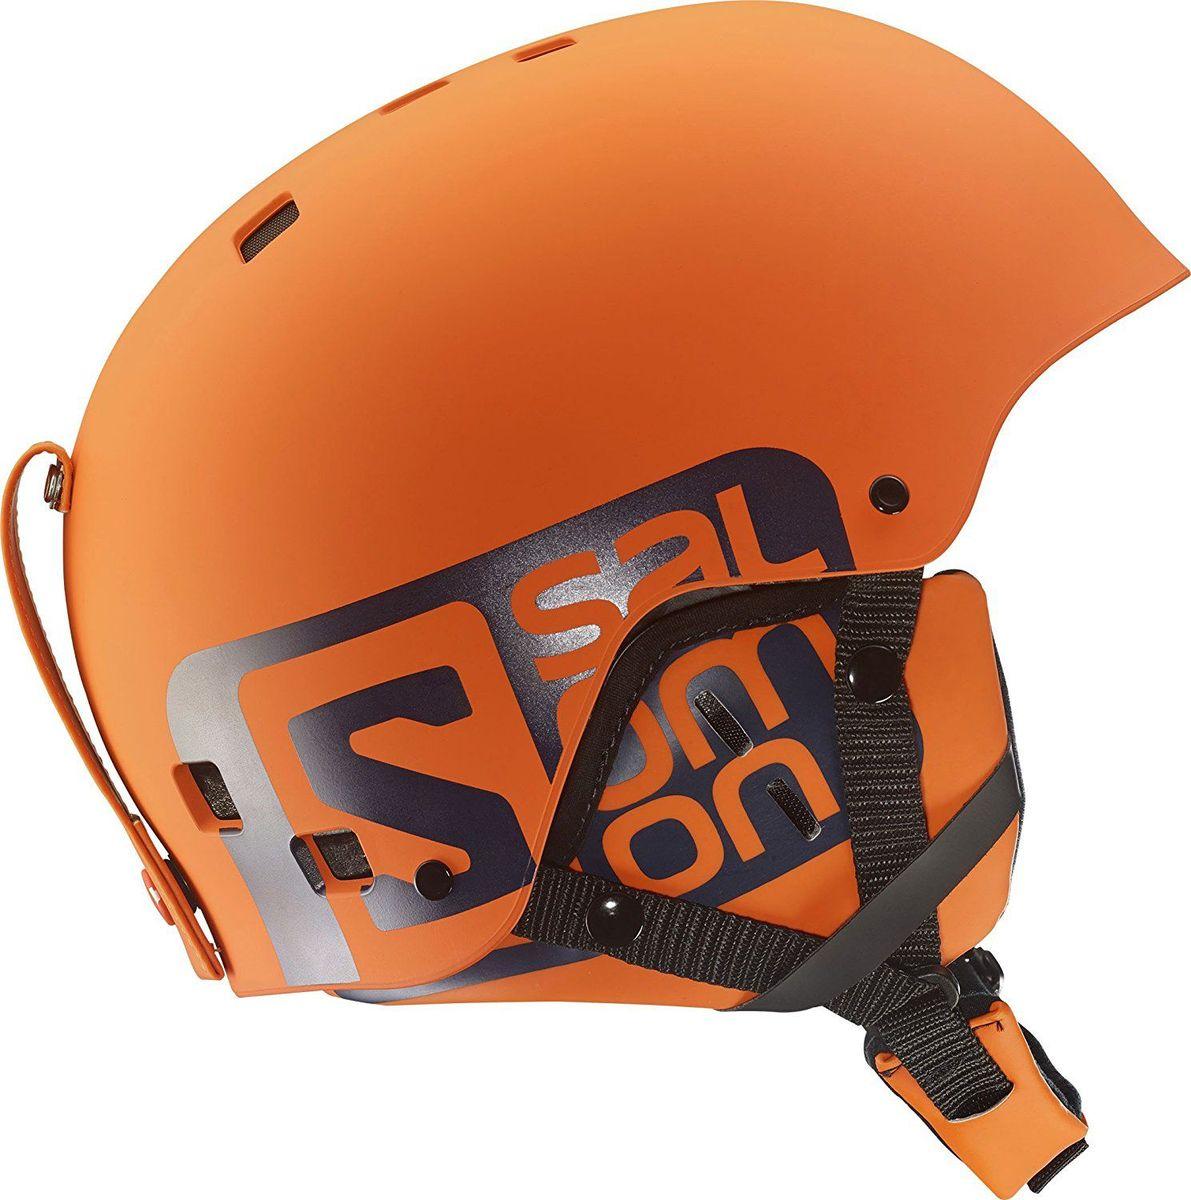 Шлем горнолыжный Salomon Helmet Brigade Orange Matt. Размер XL (59/60)L37776300Горнолыжный шлем с литой внешней прочной поверхностью и съемными накладками на уши. Внутренний слой из вспененного материала ABS+EPS особой формы отлично поглощает как прямые удары, так и угловые. Стреп на подбородок выполнен из мягкого текстиля и оснащен застежкой-защелкой.Съемная подкладка, которую можно стирать при необходимости.Что взять с собой на горнолыжную прогулку: рассказывают эксперты. Статья OZON Гид